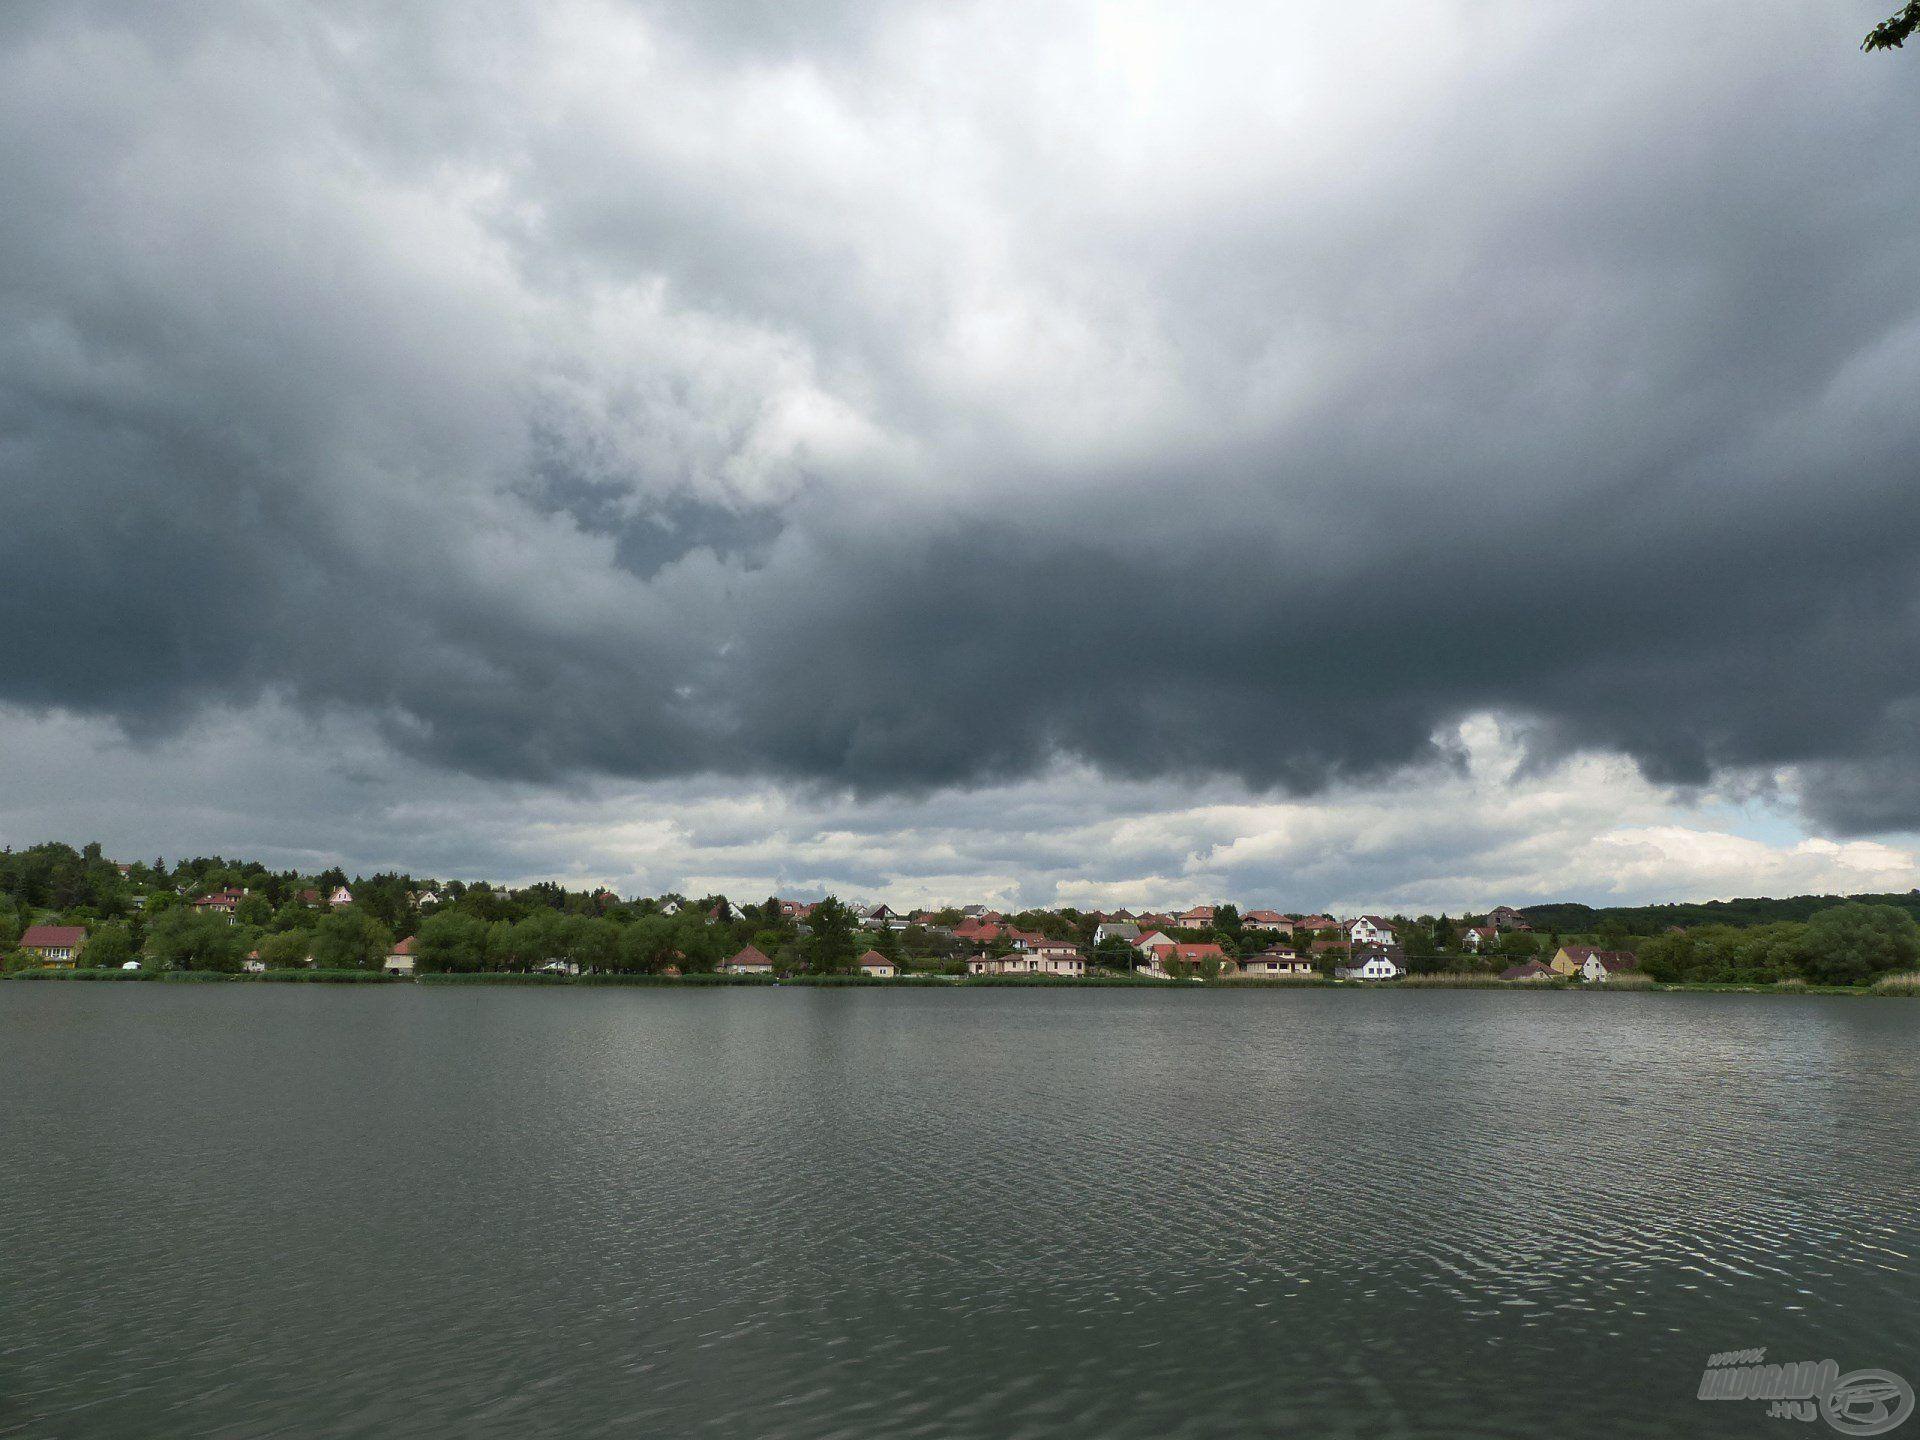 Ha ilyen hatalmas, fekete felhők tornyosultak az égen, hamarosan leszakadt az ég…